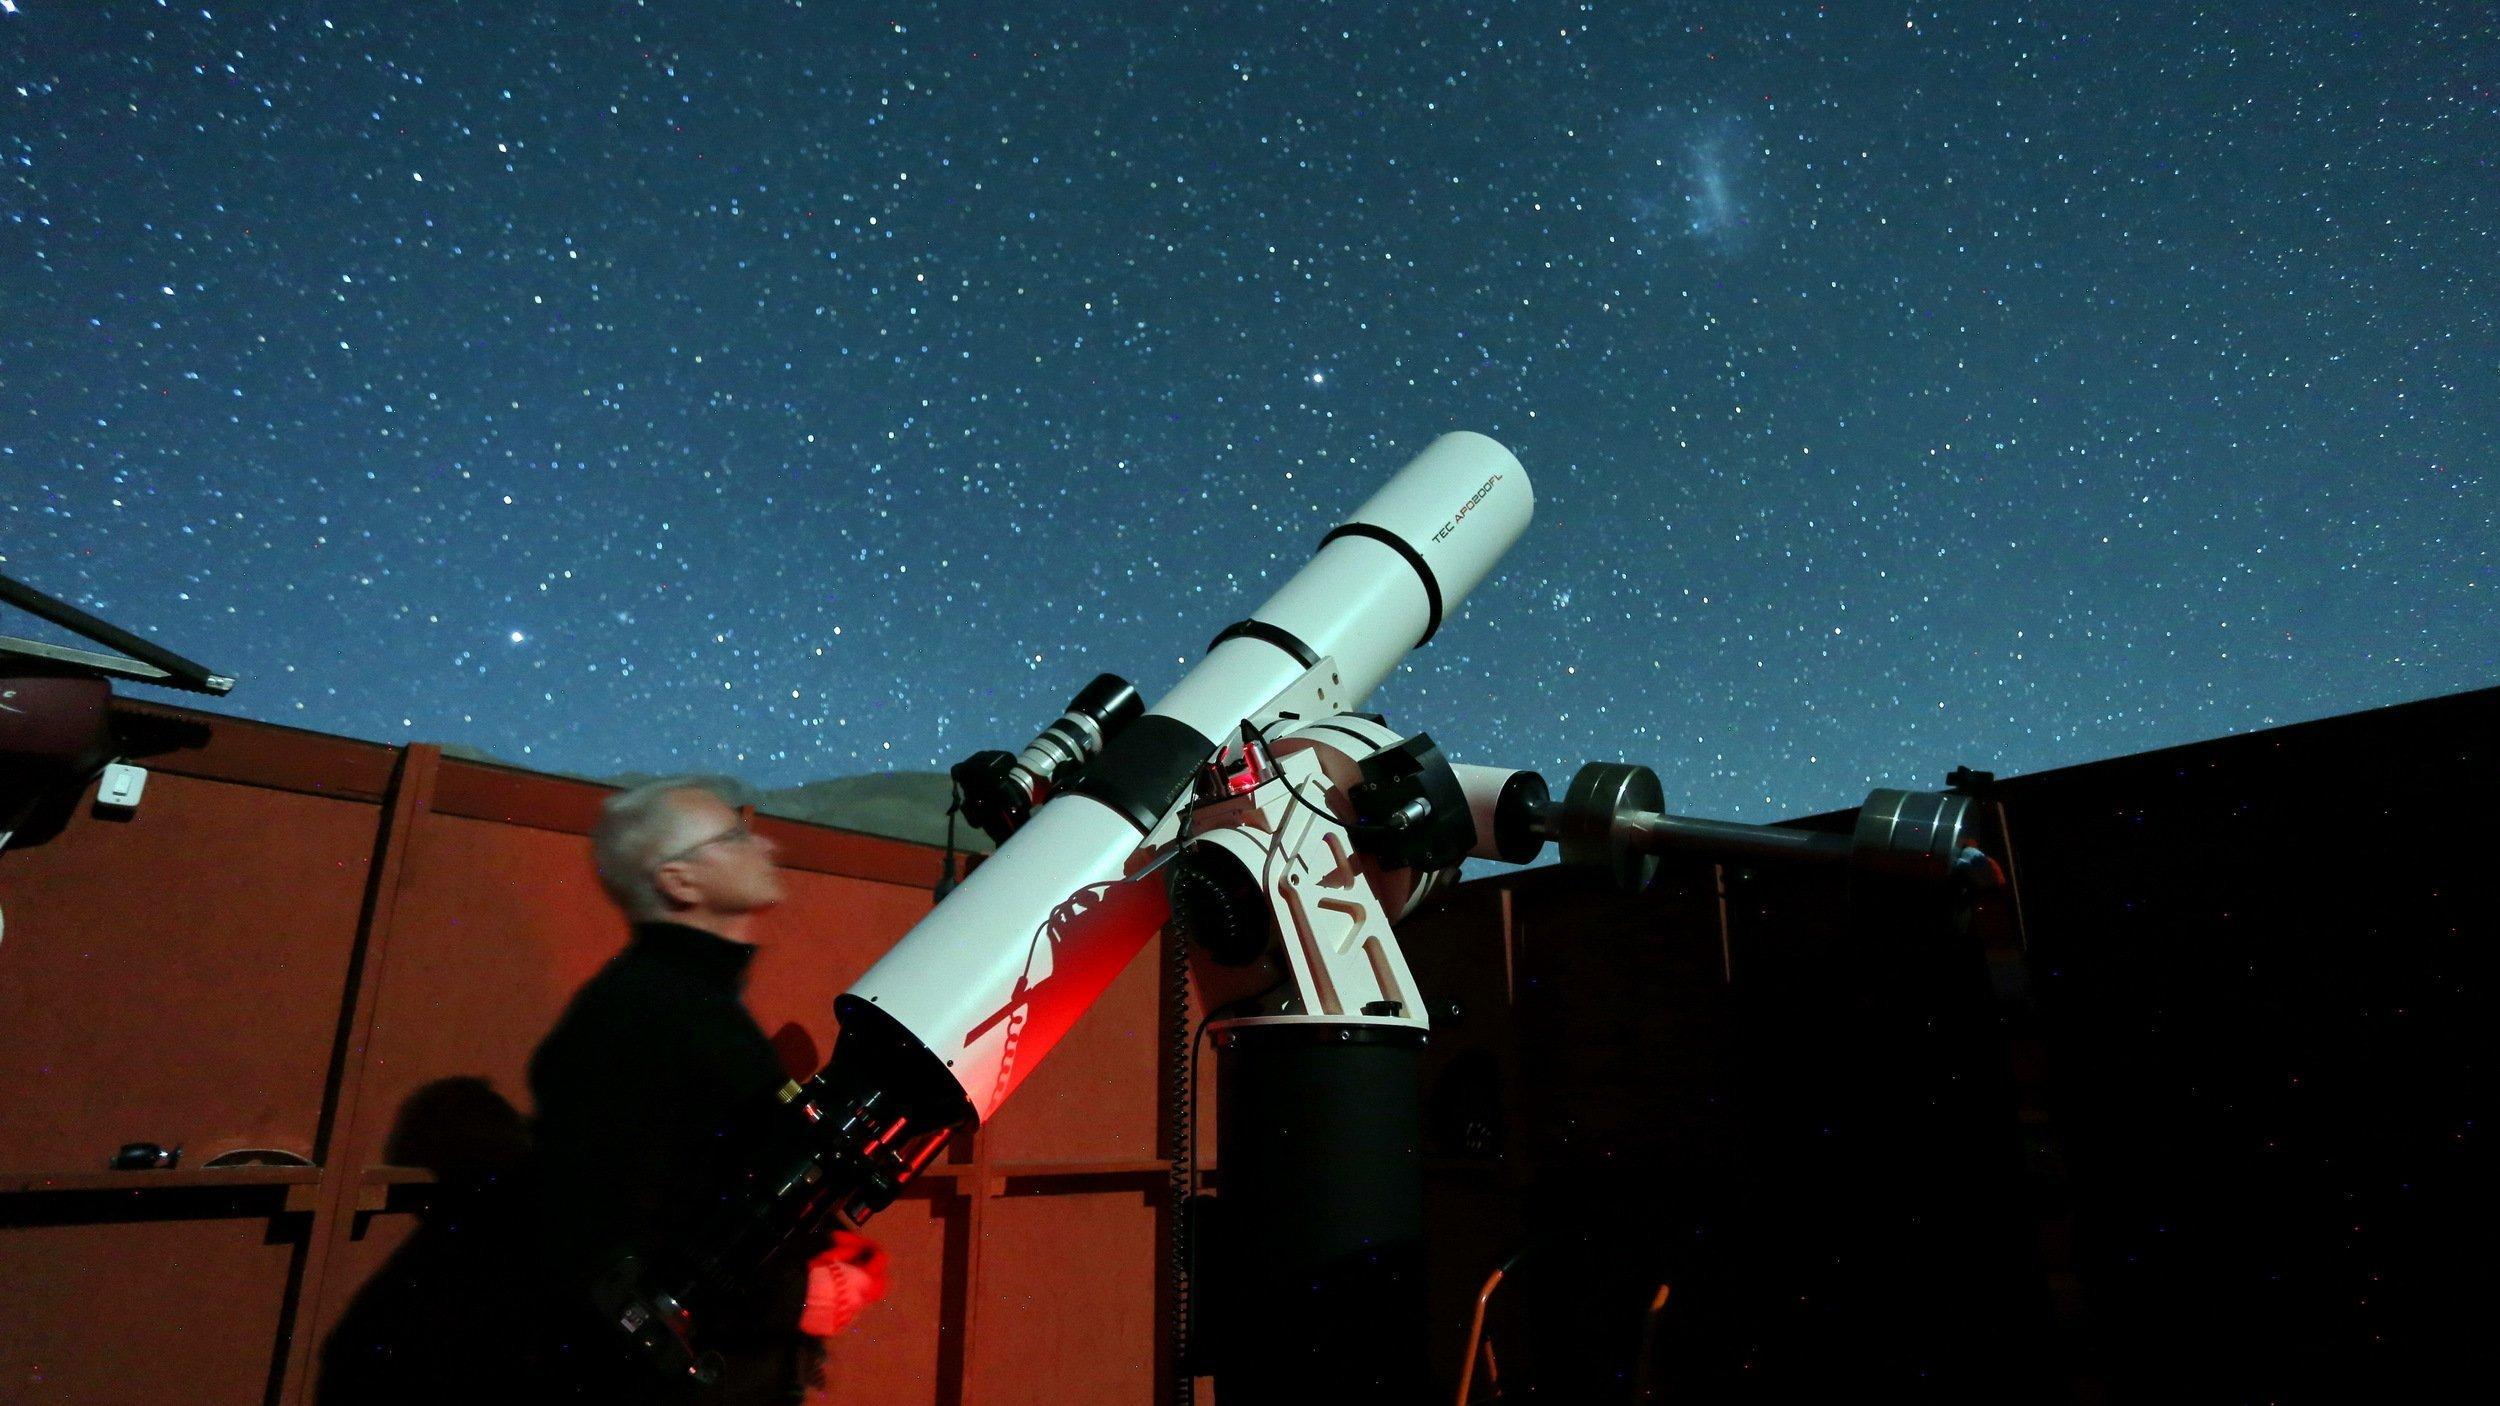 Ein Mann steht neben einem großen Fernrohr in einer Schutzhütte mit geöffnetem Dach und fotografiert den nächtlichen Sternenhimmel